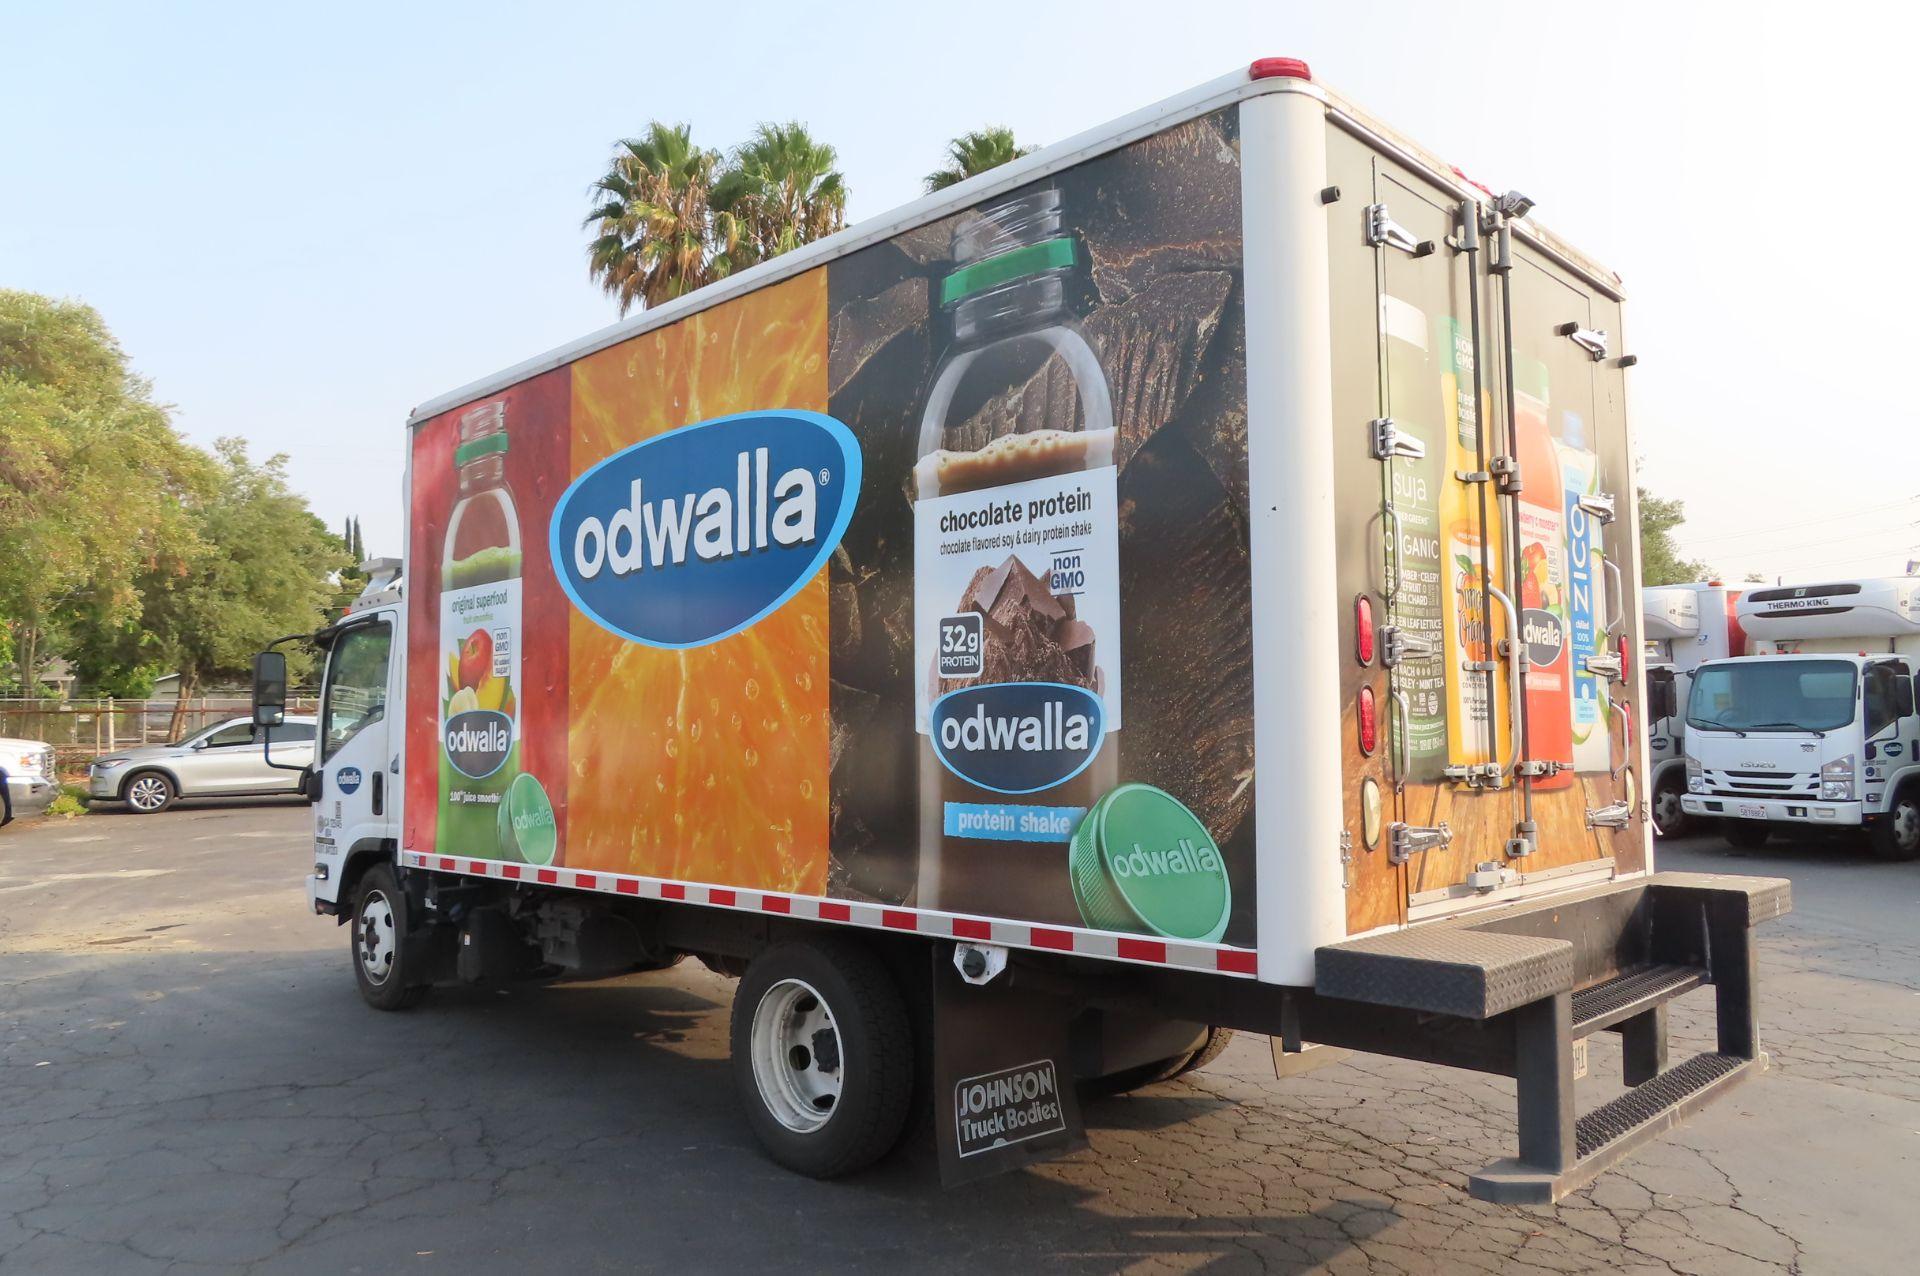 2013 Isuzu refrigerated truck - Image 4 of 10